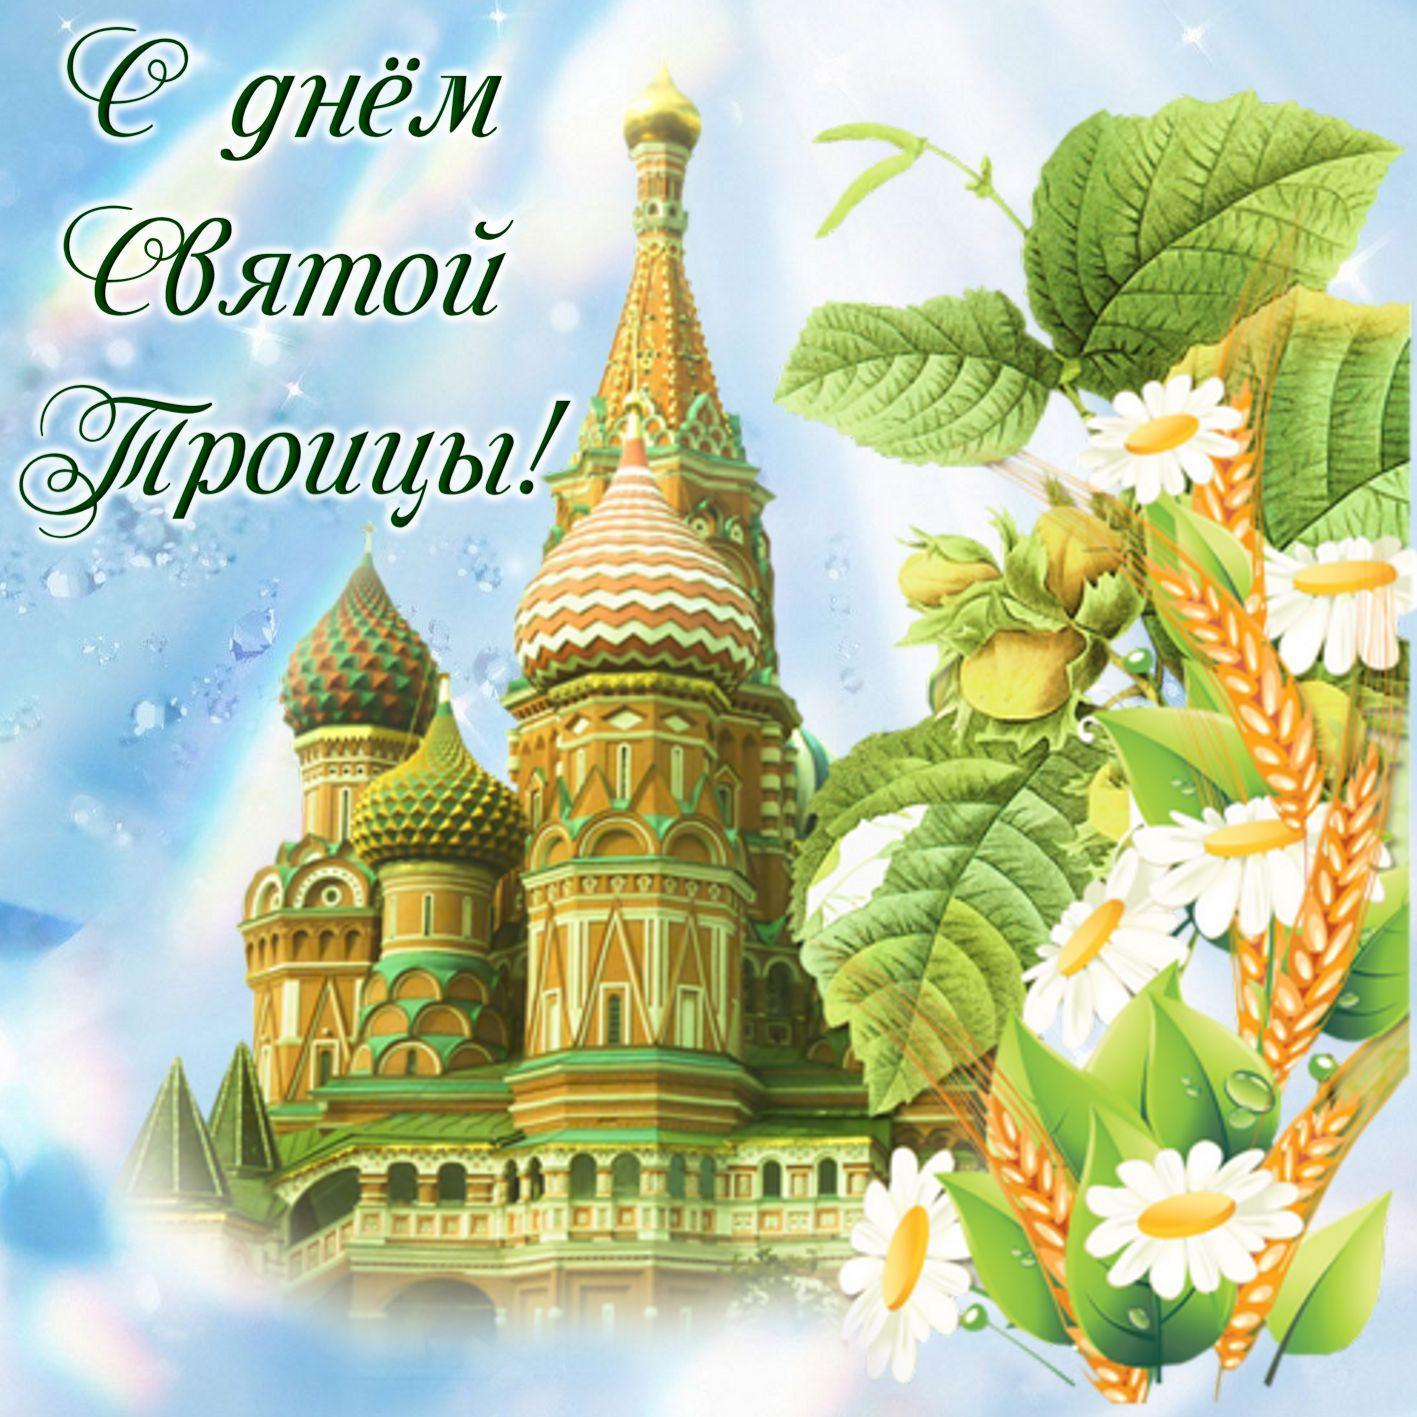 Фото Святая Троица 20 июня: душевные открытки и поздравления 9